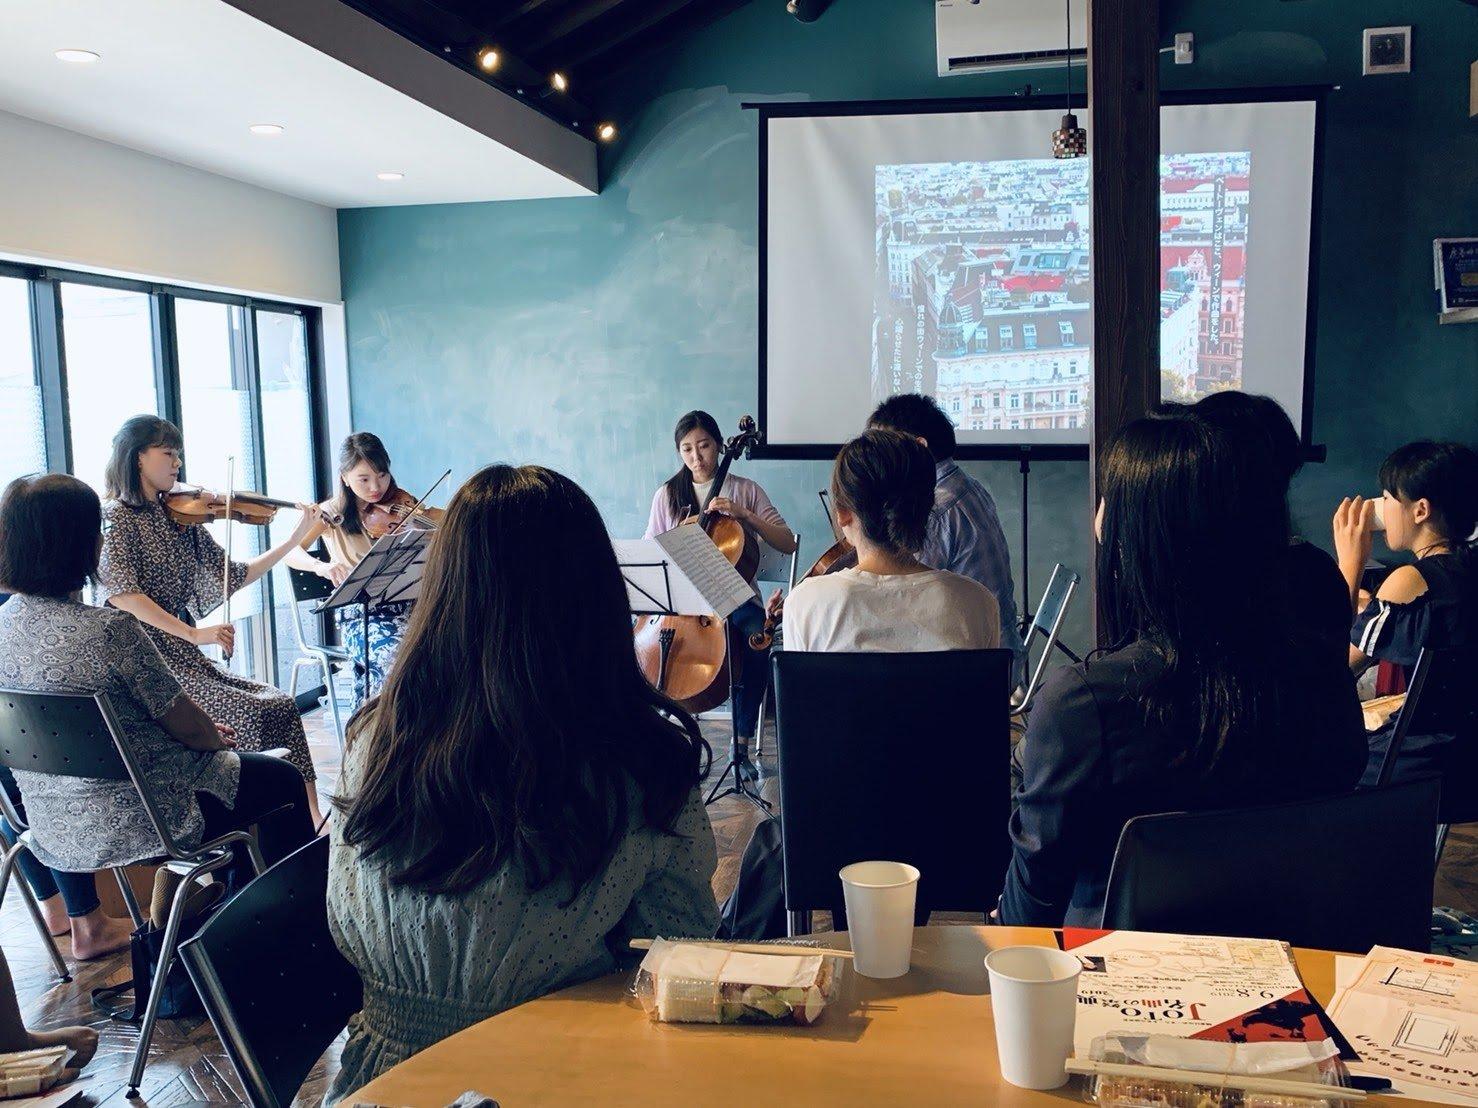 【各日一般】8月27日開催「妖怪提琴〜古民家でレクチャーコンサート」のイメージその3